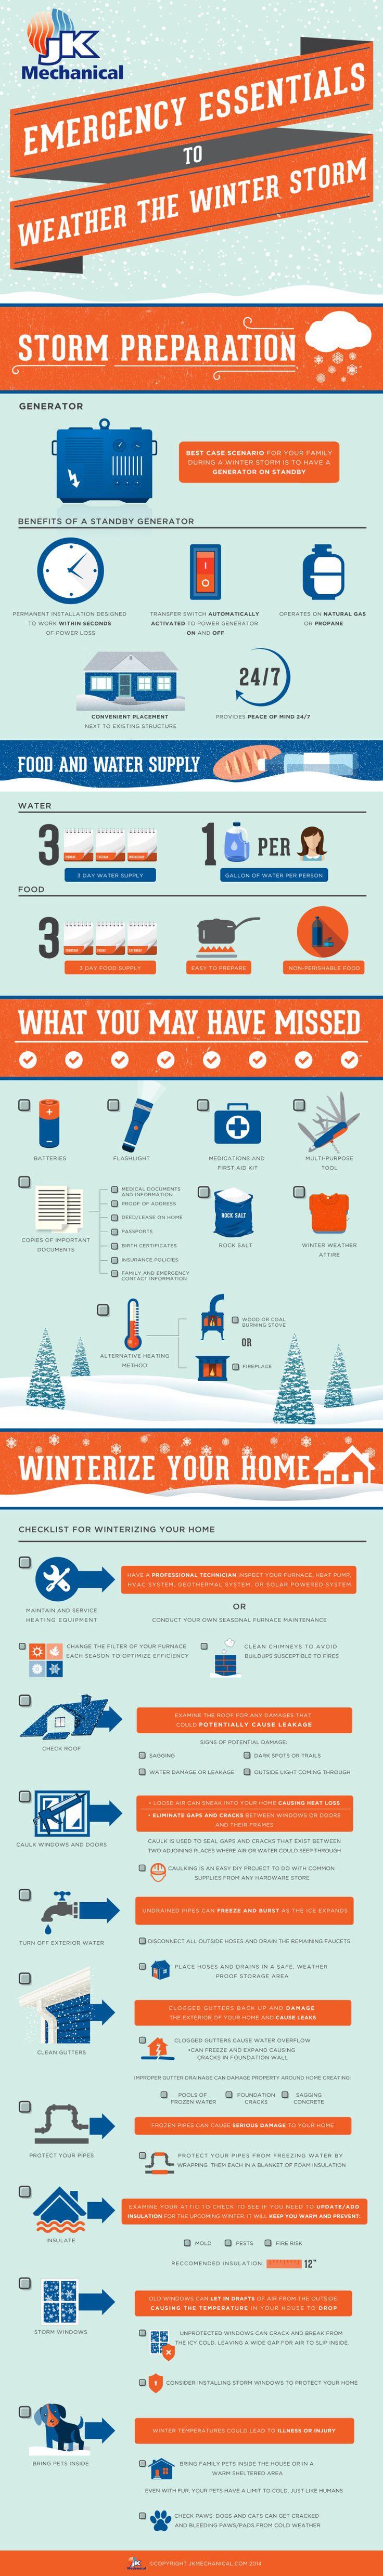 25 best Winter Activities images on Pinterest | Winter activities ...